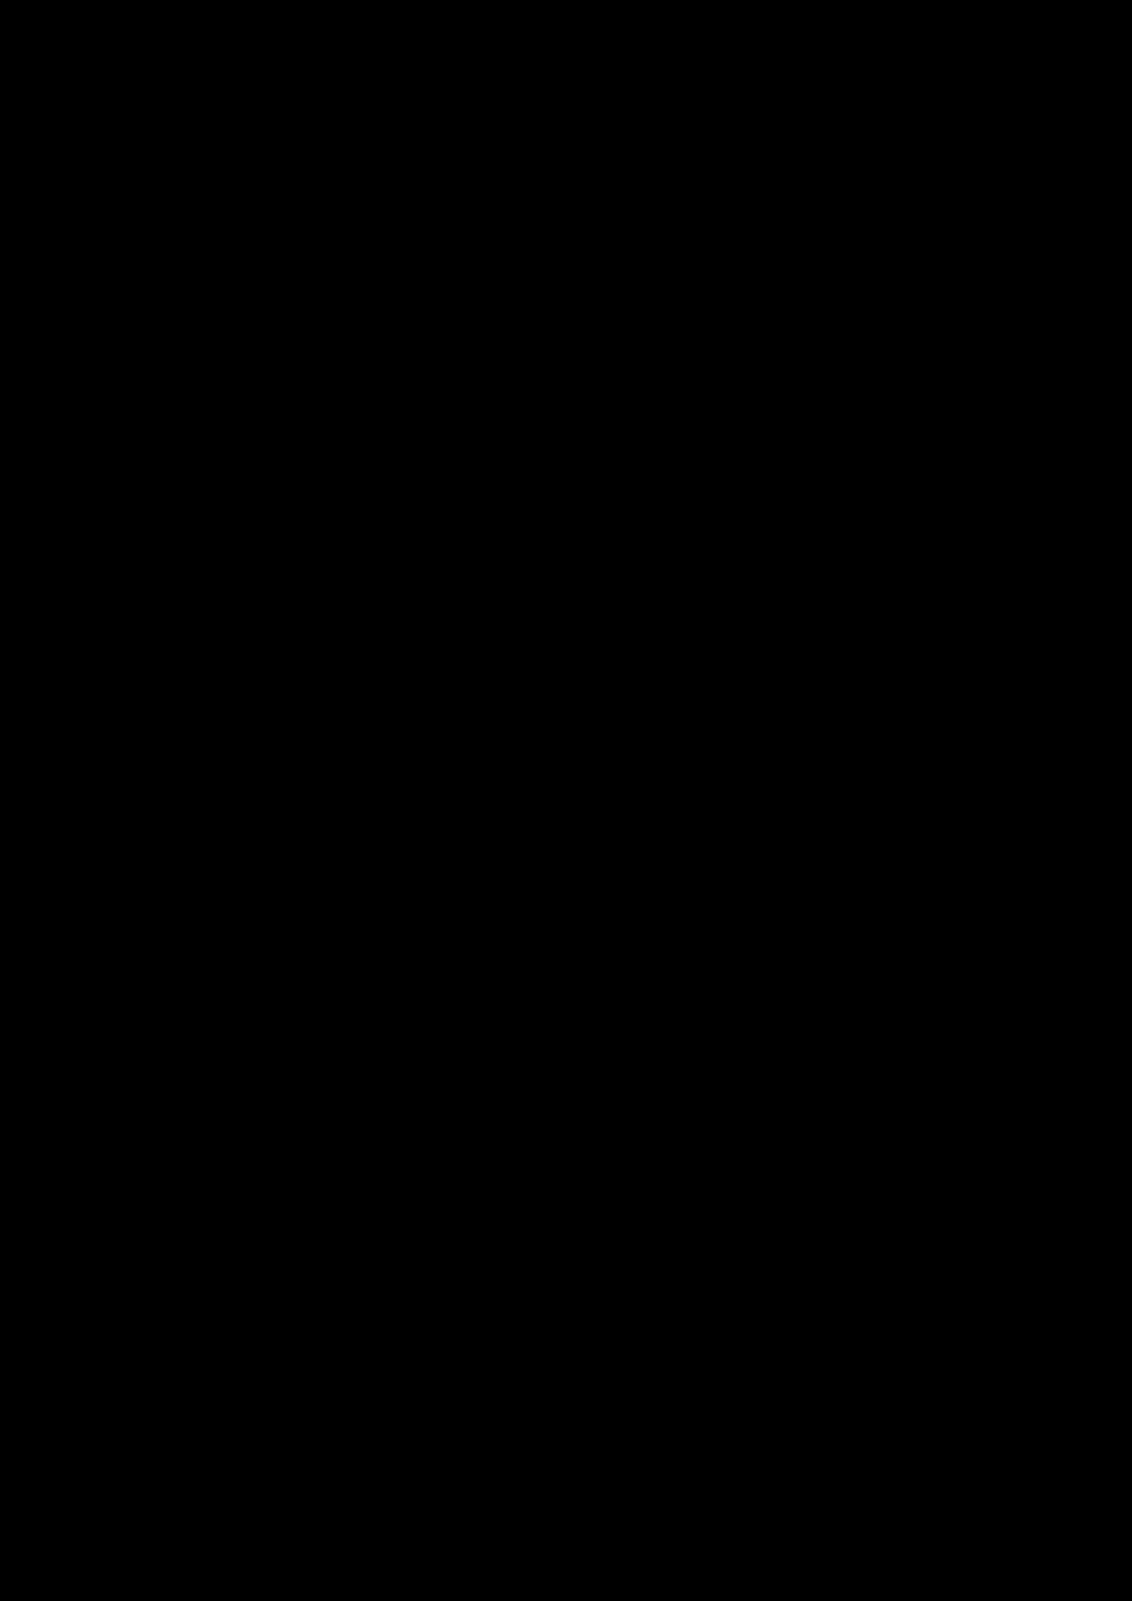 Zagadka volshebnoy stranyi slide, Image 169